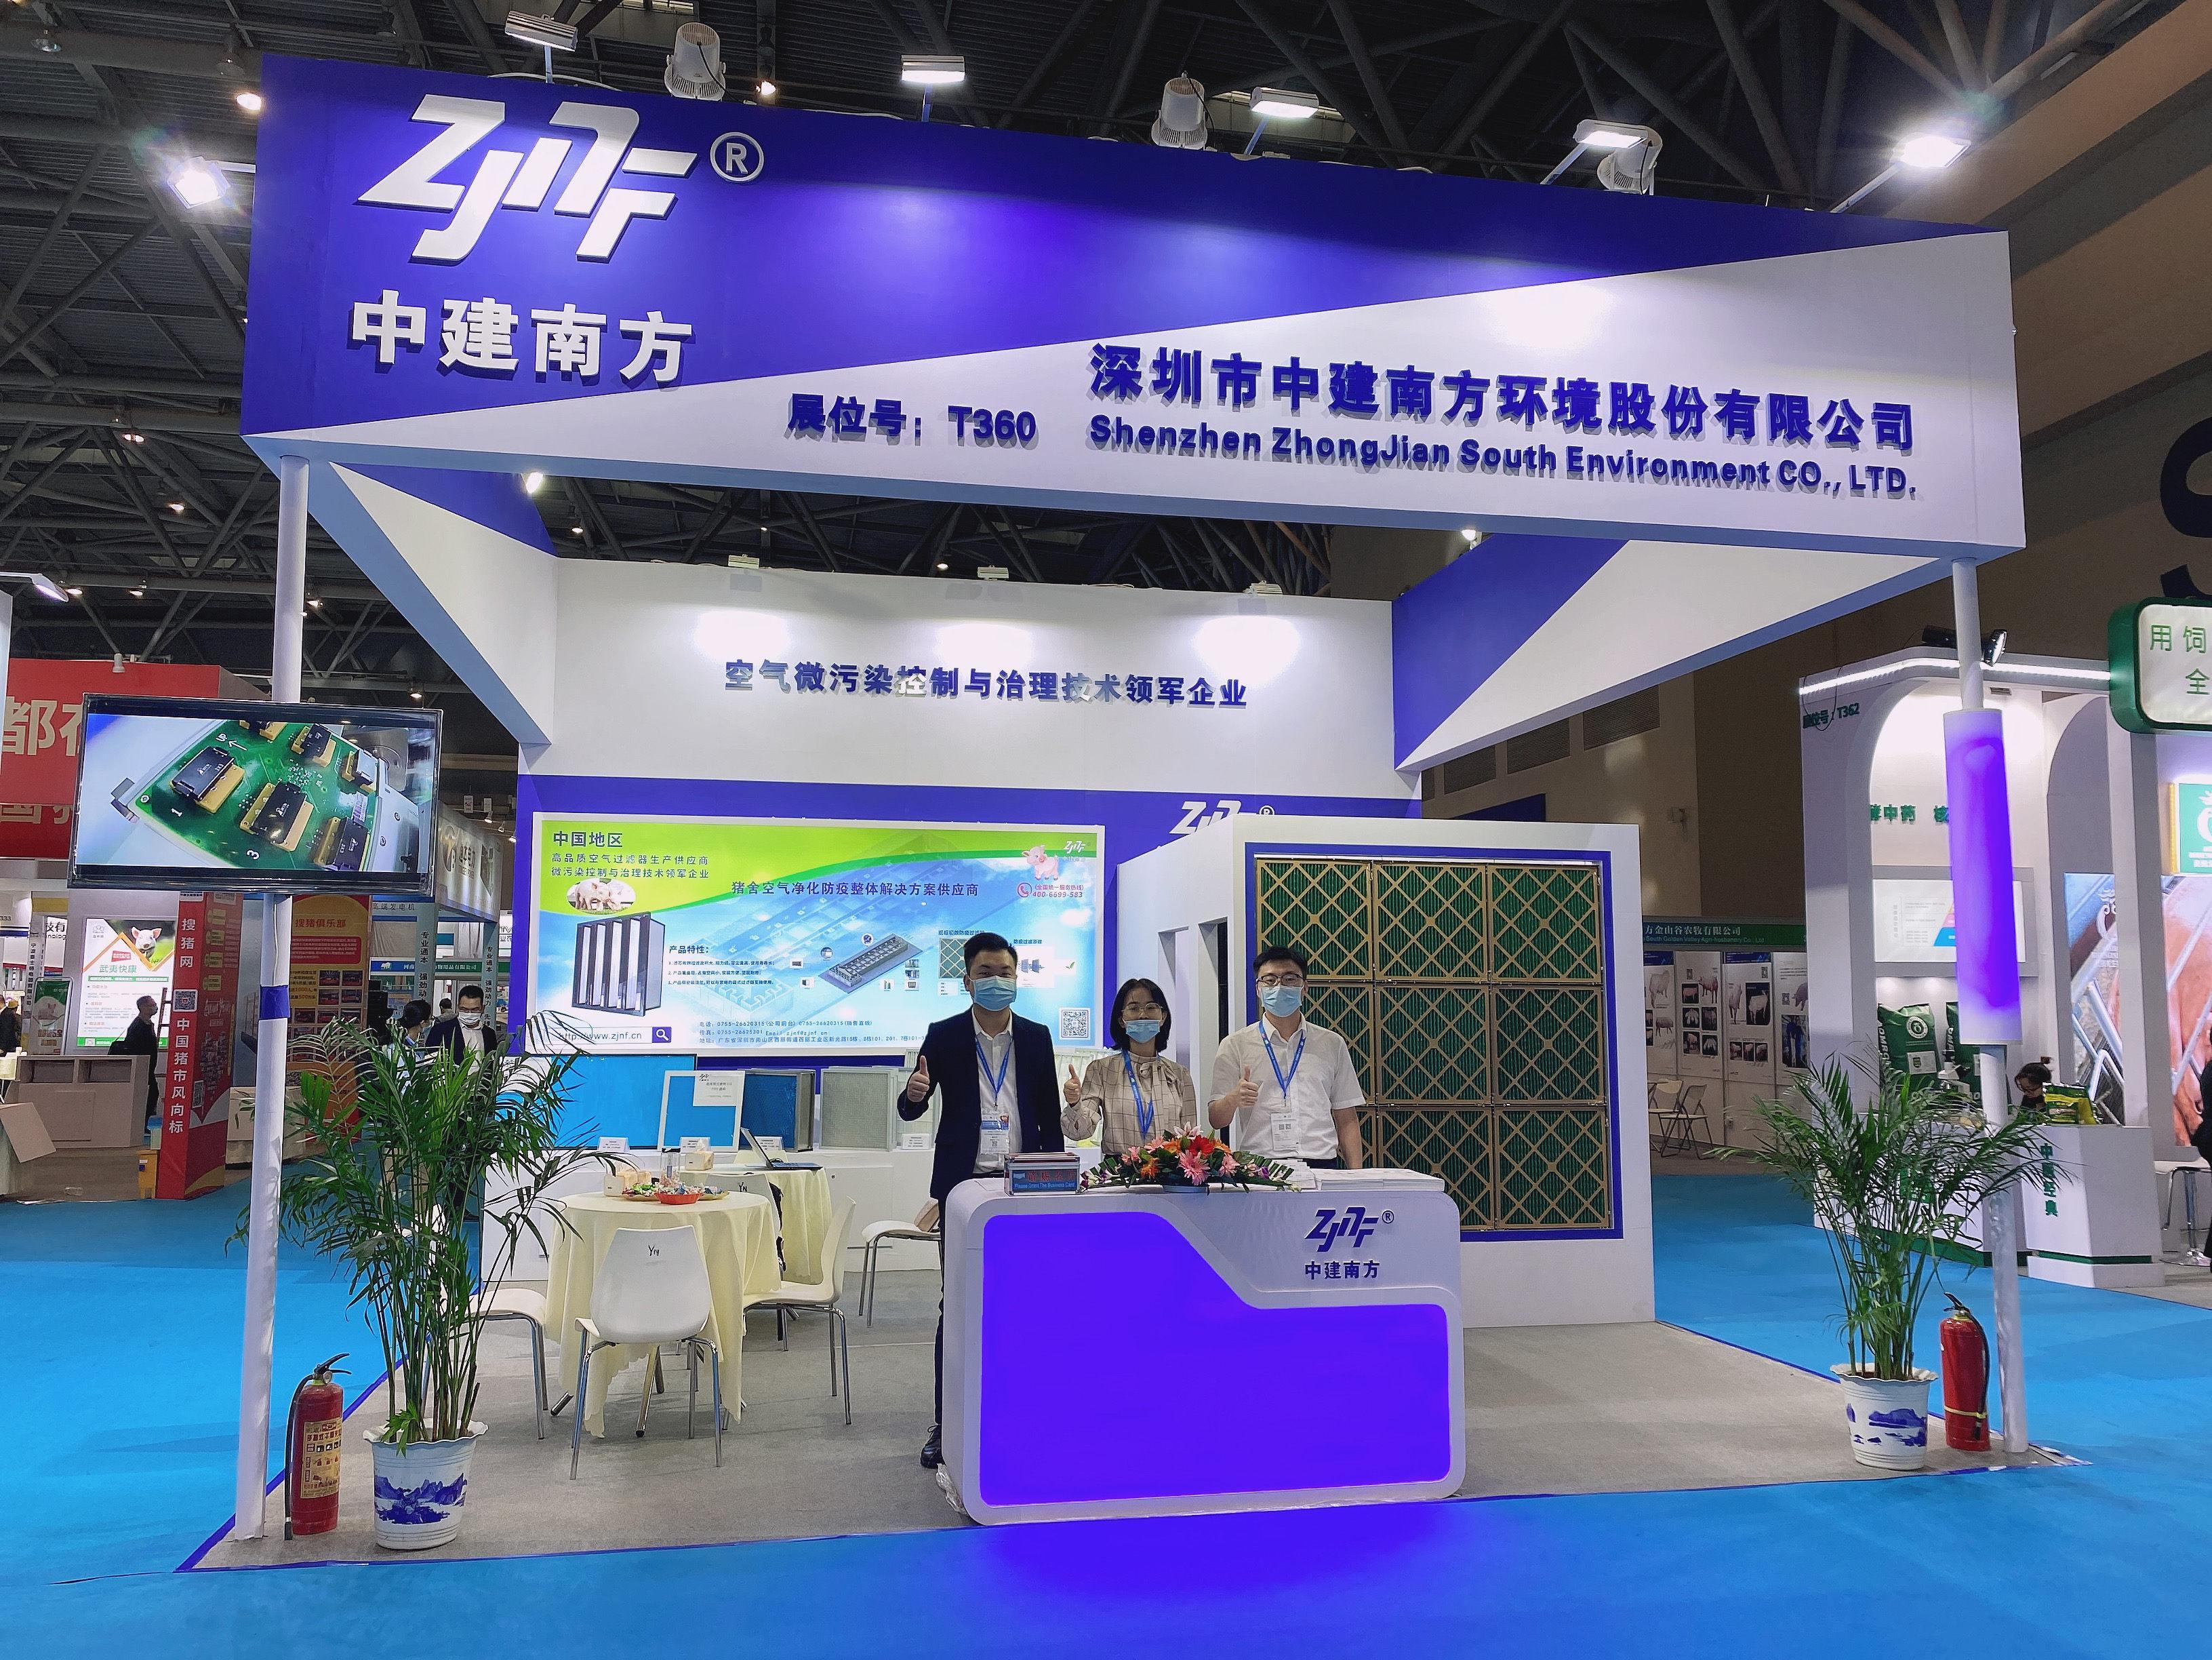 中建南方诚挚邀请您参加2020世界猪业博览会